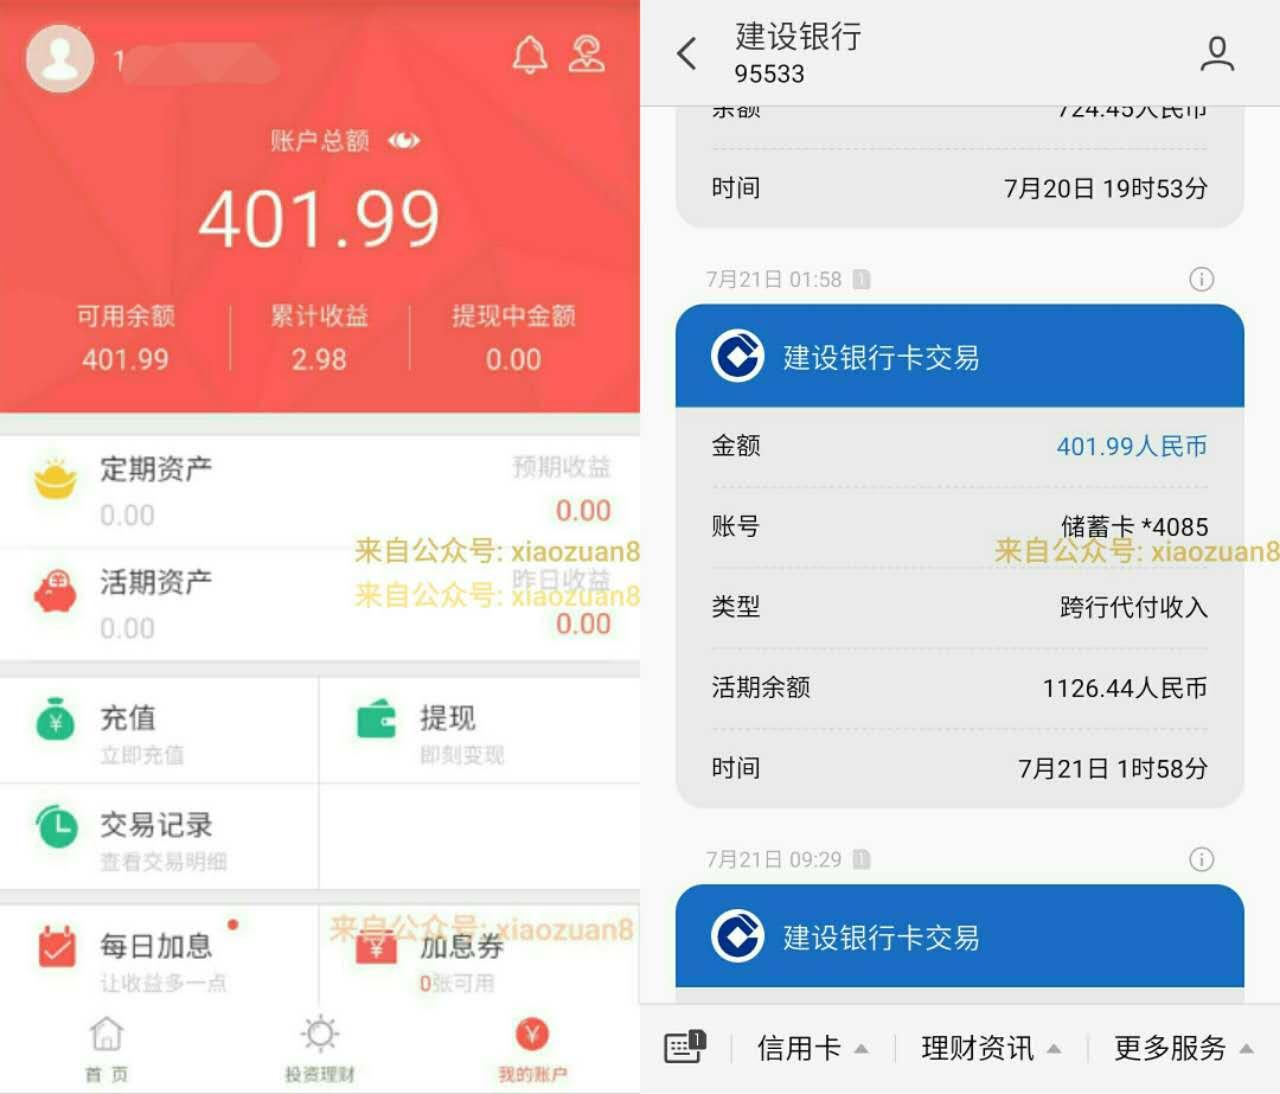 【反馈】京东免费路由器已收到,提现399元已经秒到账